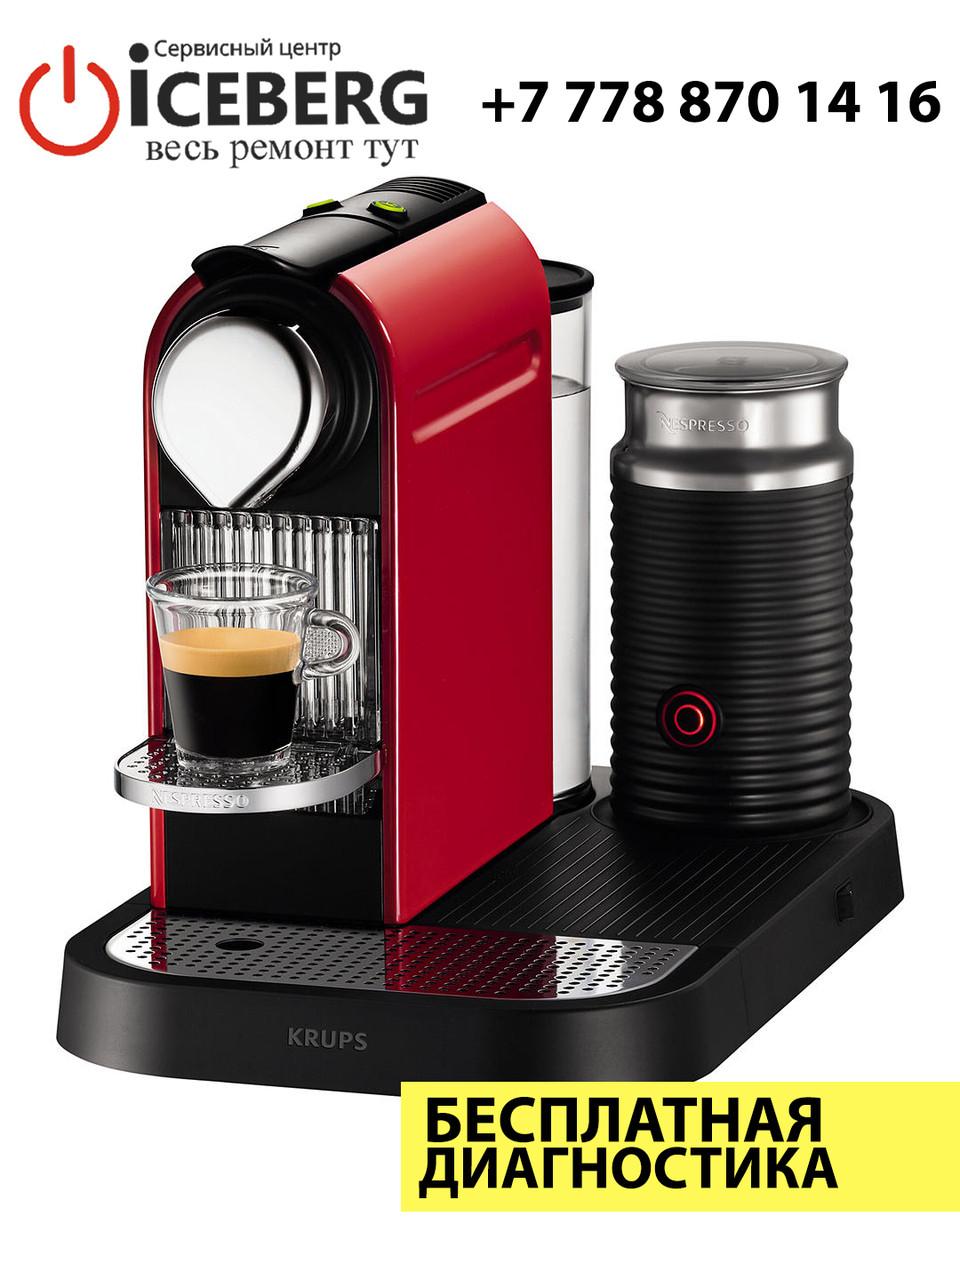 Ремонт и чистка профессиональных кофемашин (кофеварок) Nespresso Citiz